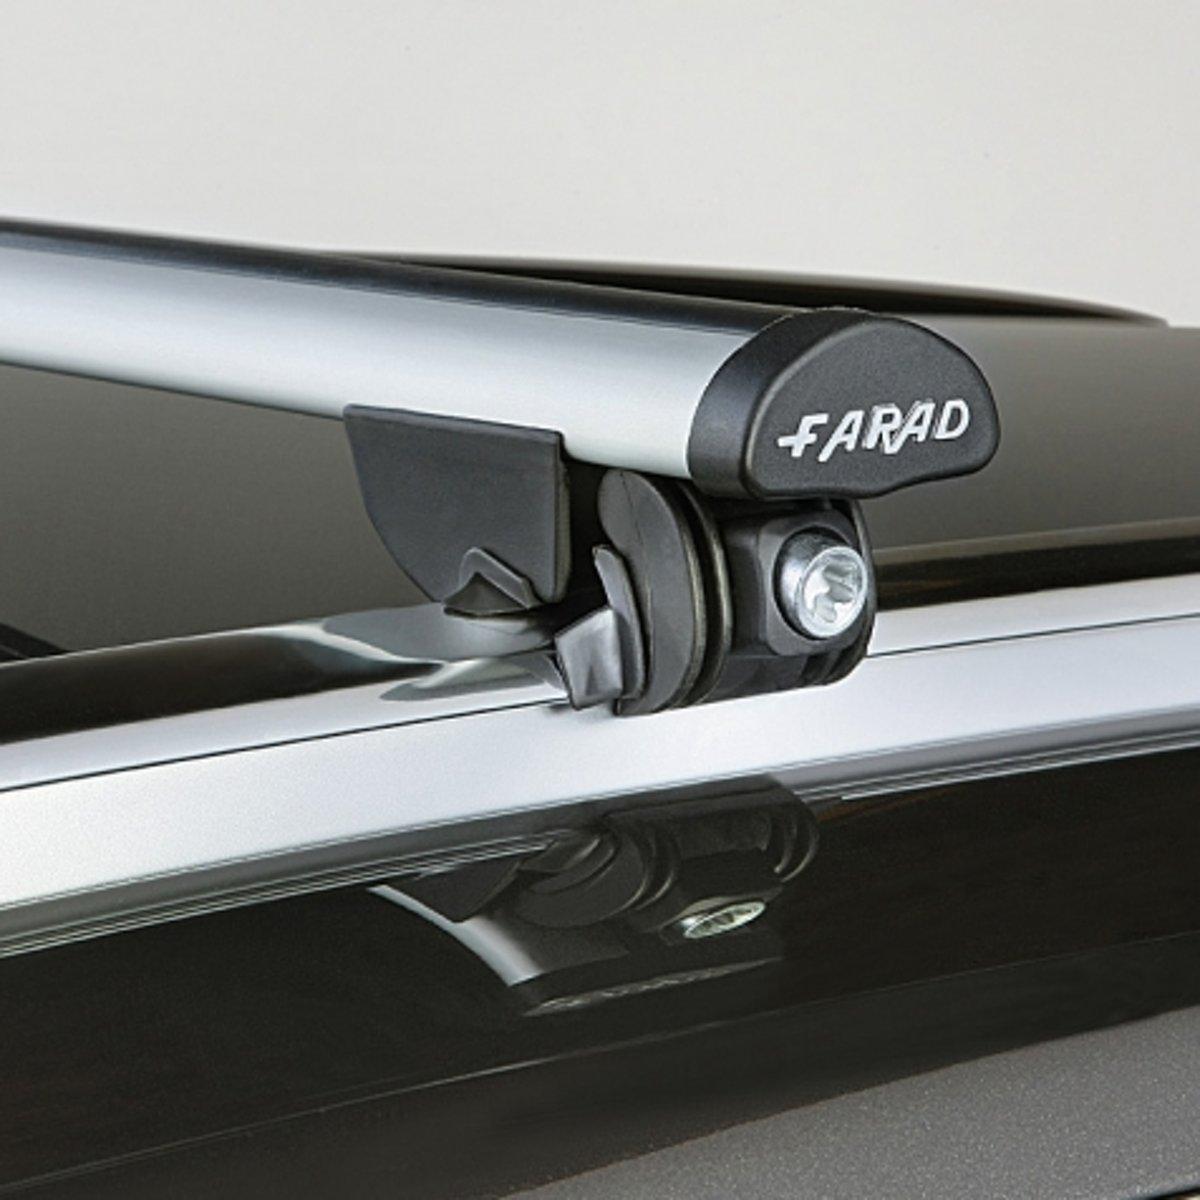 Farad Beamar 4 110cm. dakdragers voor geintegreerde / gesloten dakrails kopen